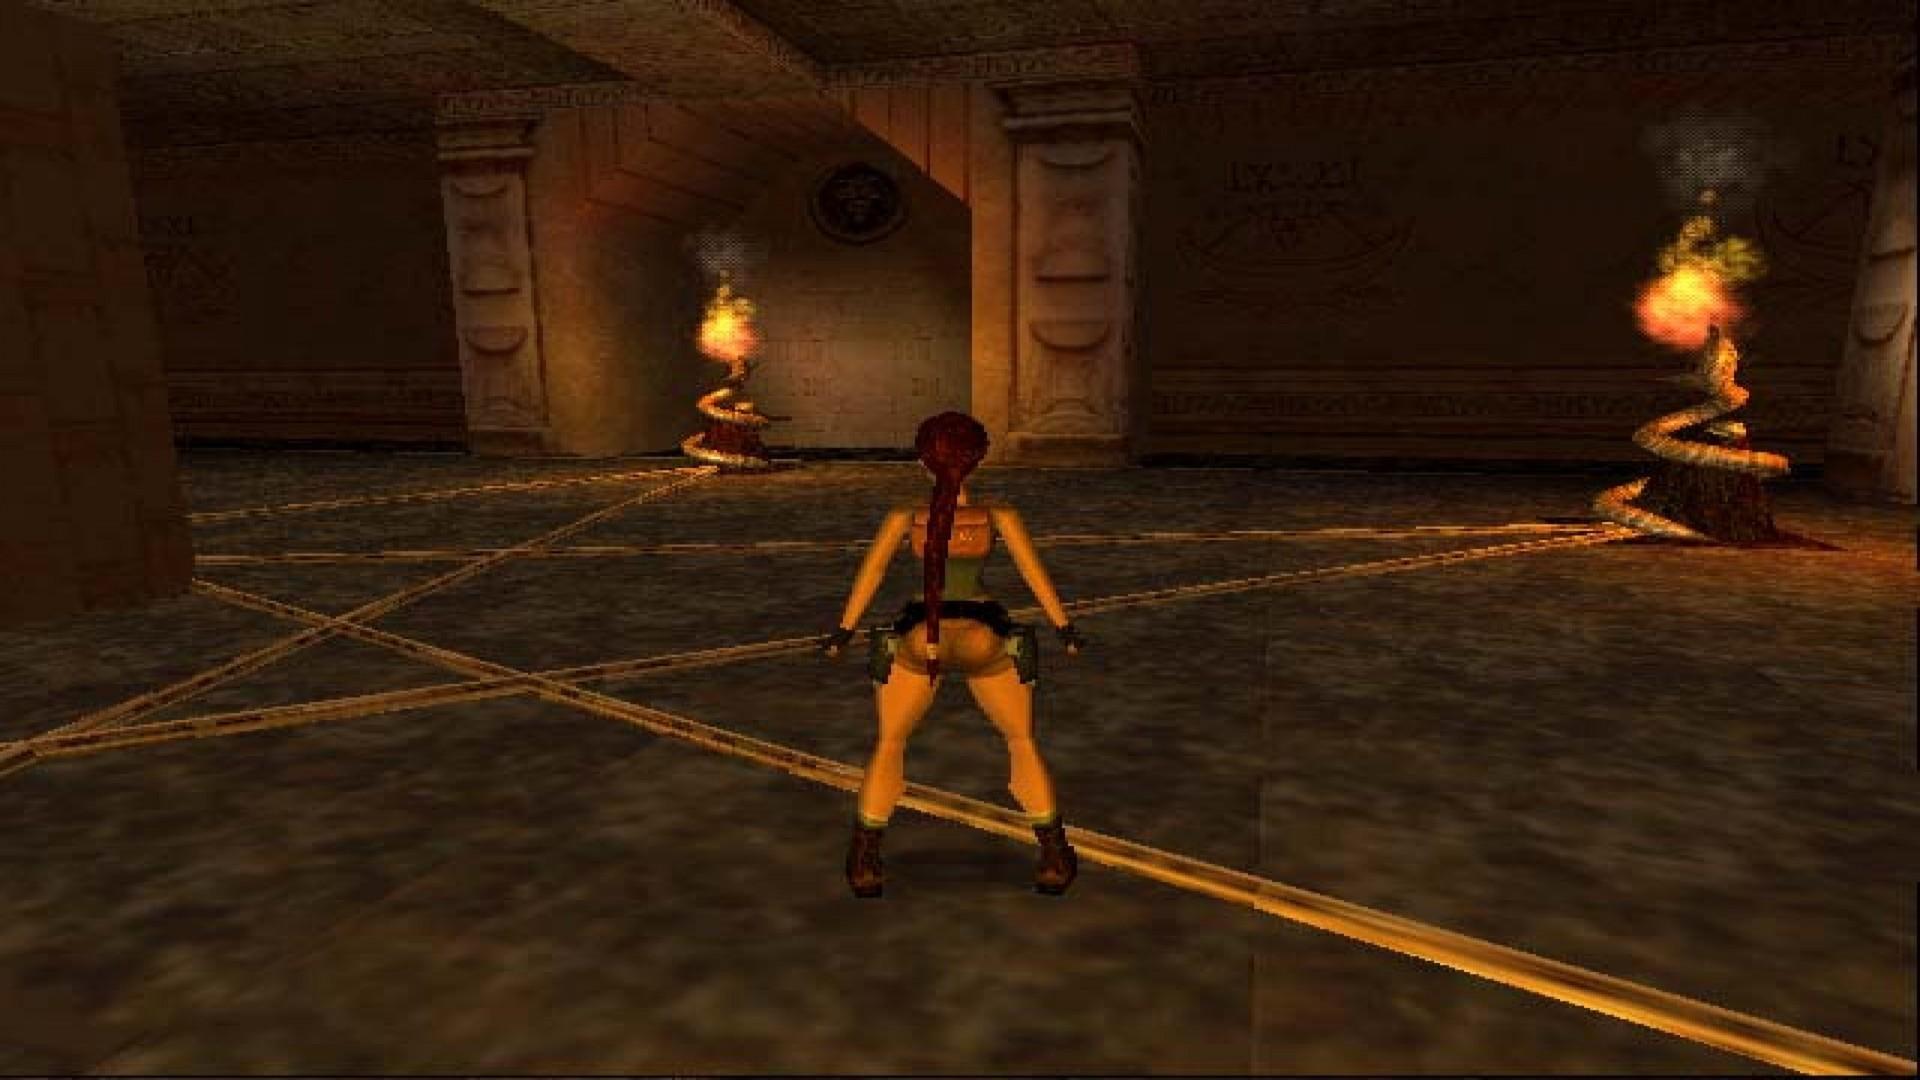 tomb raider 1 user manual